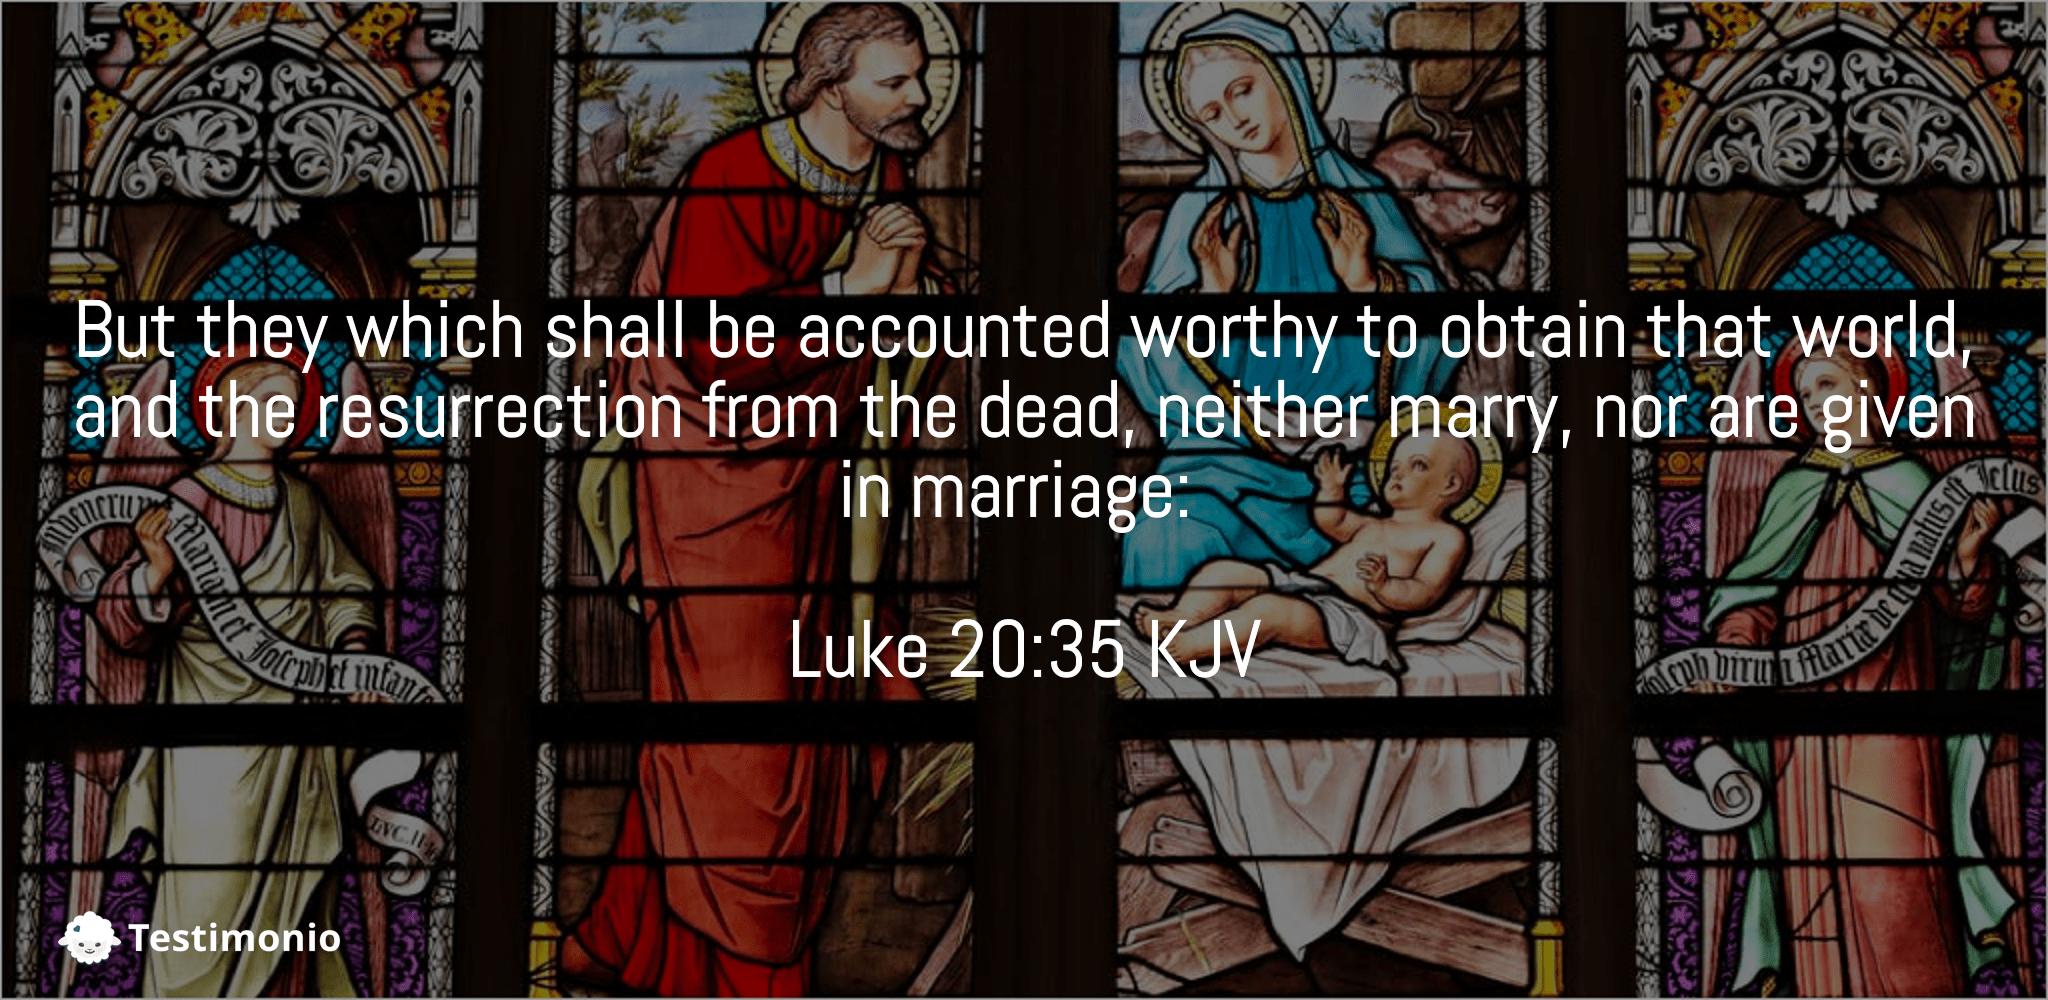 Luke 20:35